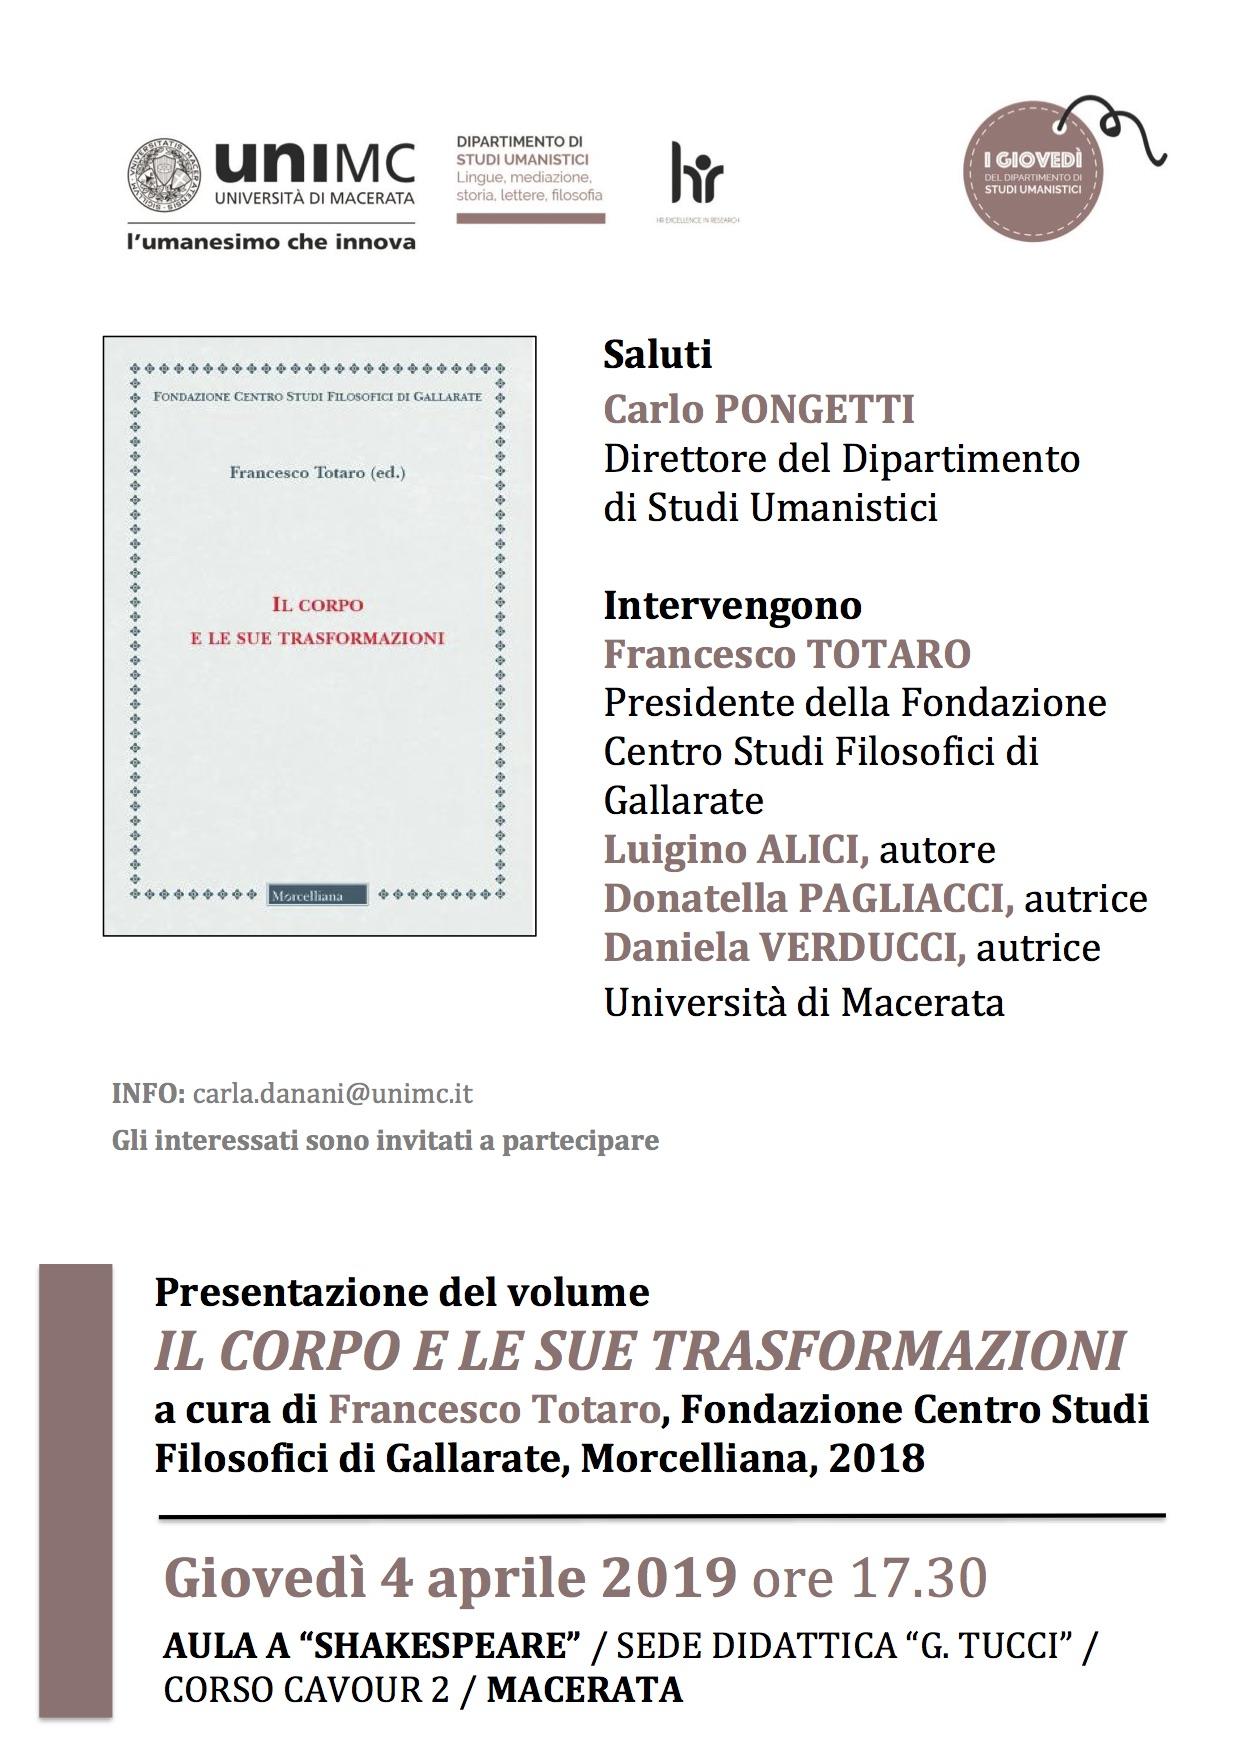 Presentazione / Il CORPO e le sue trasformazioni